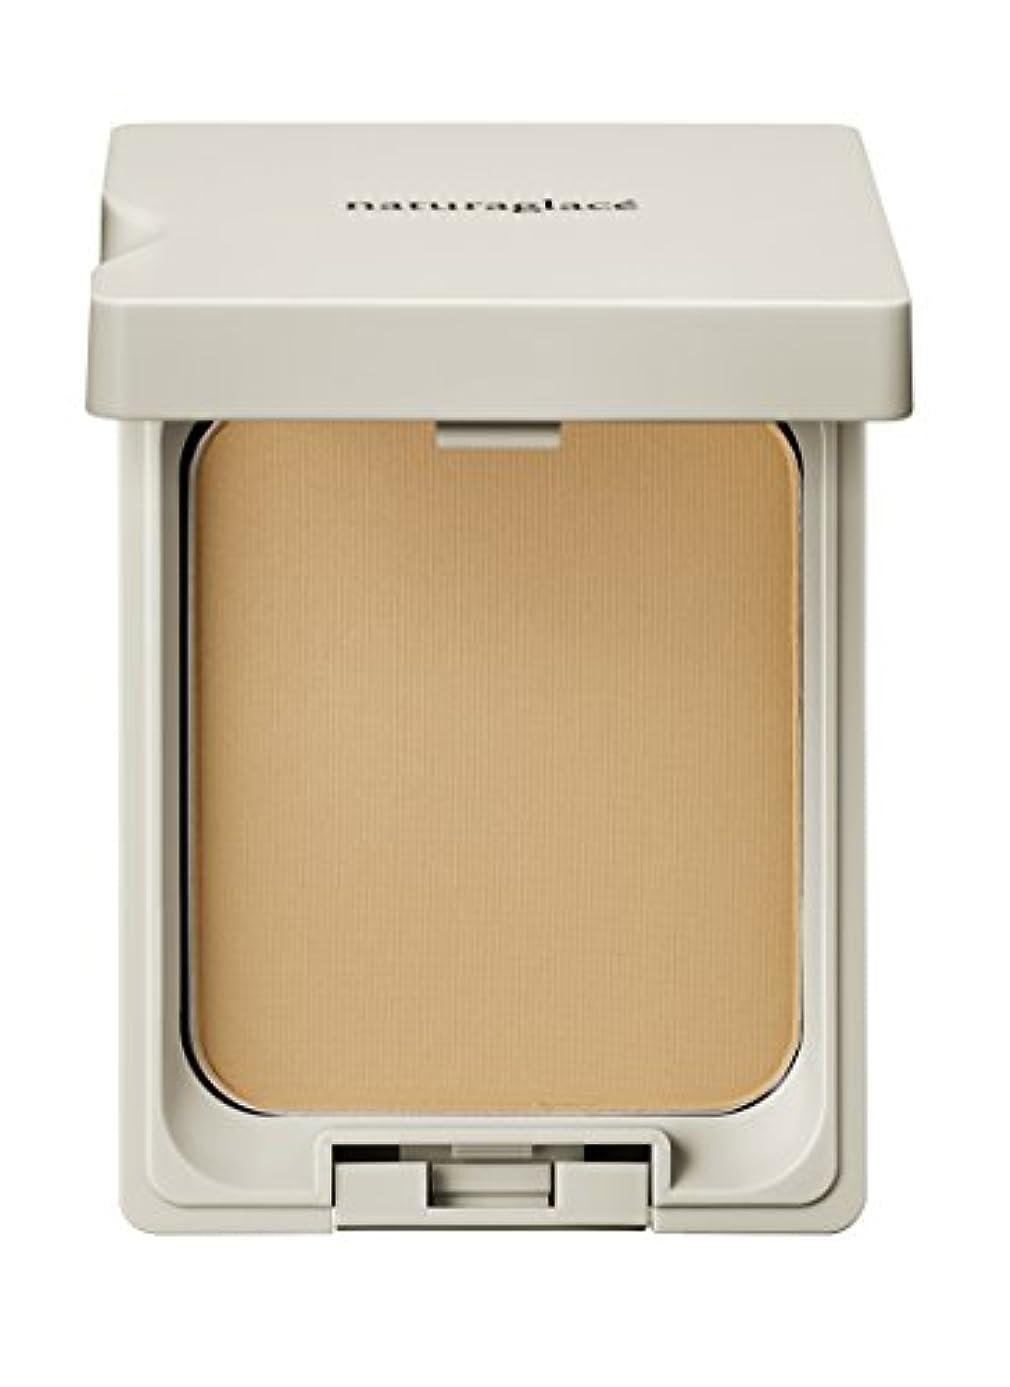 大人ブラウザ記念碑ナチュラグラッセ クリアパウダー ファンデーション OC2 (やや黄みよりの自然な肌色) 11g SPF40 PA++++ パフ付き